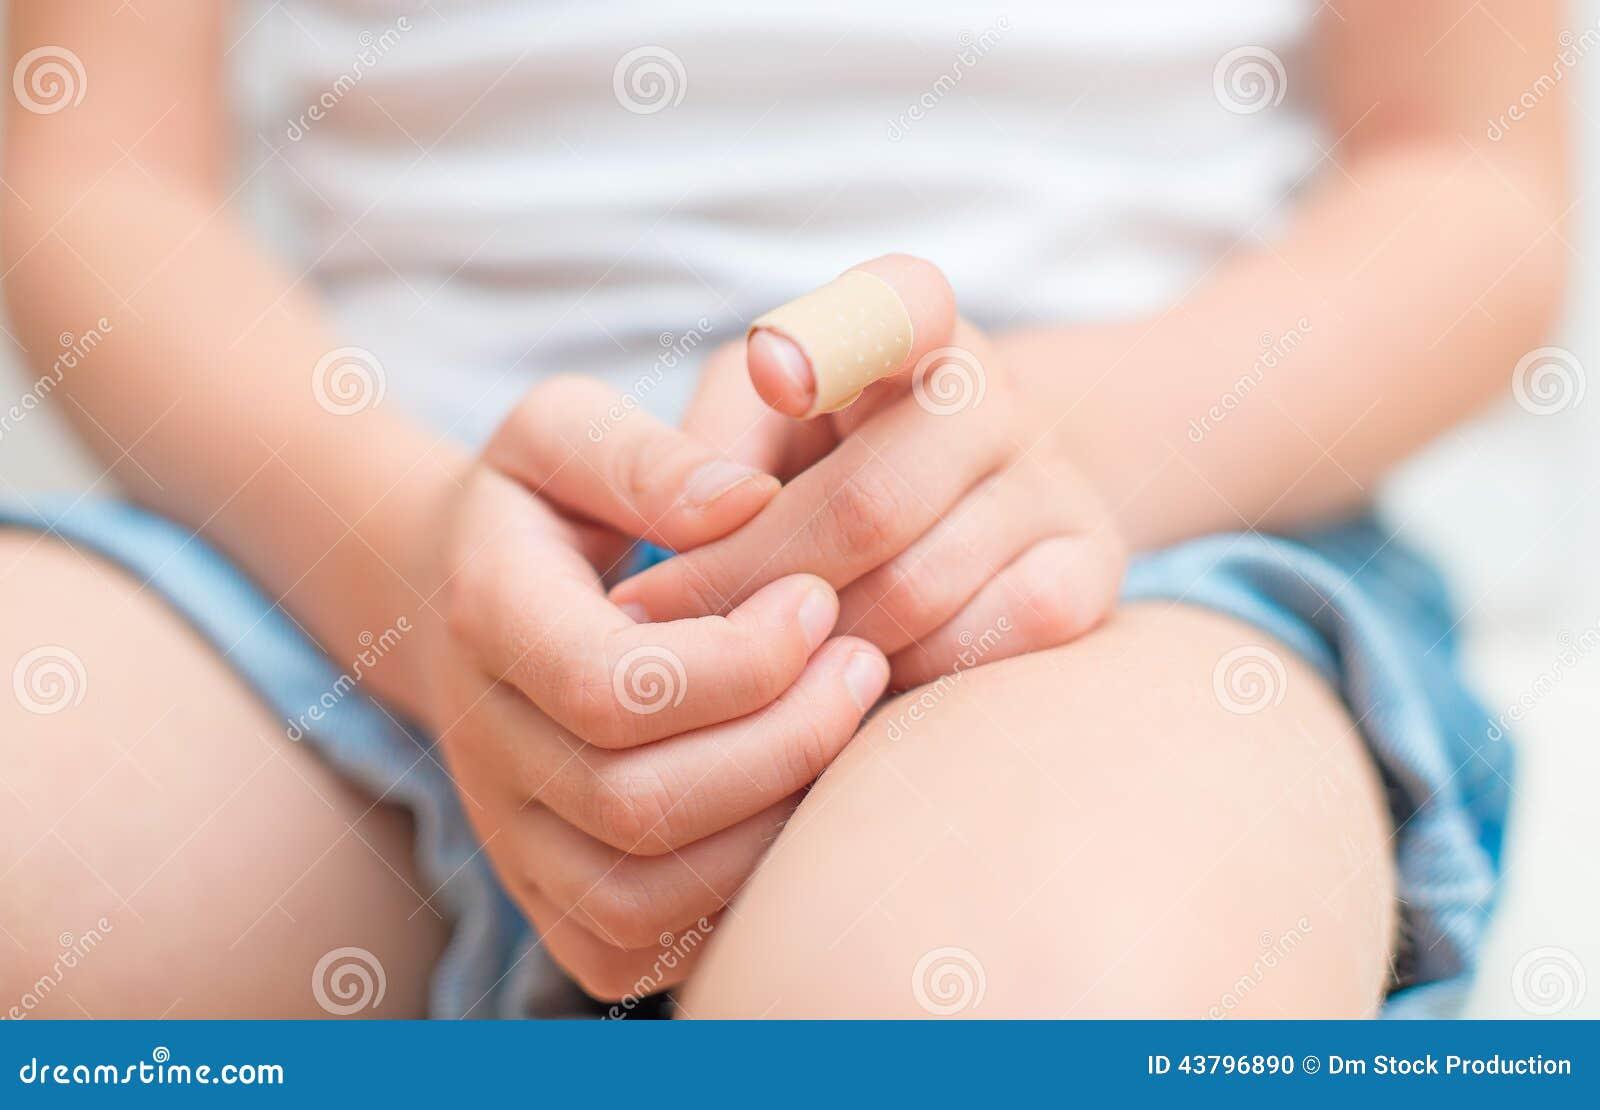 Finger con el vendaje adhesivo